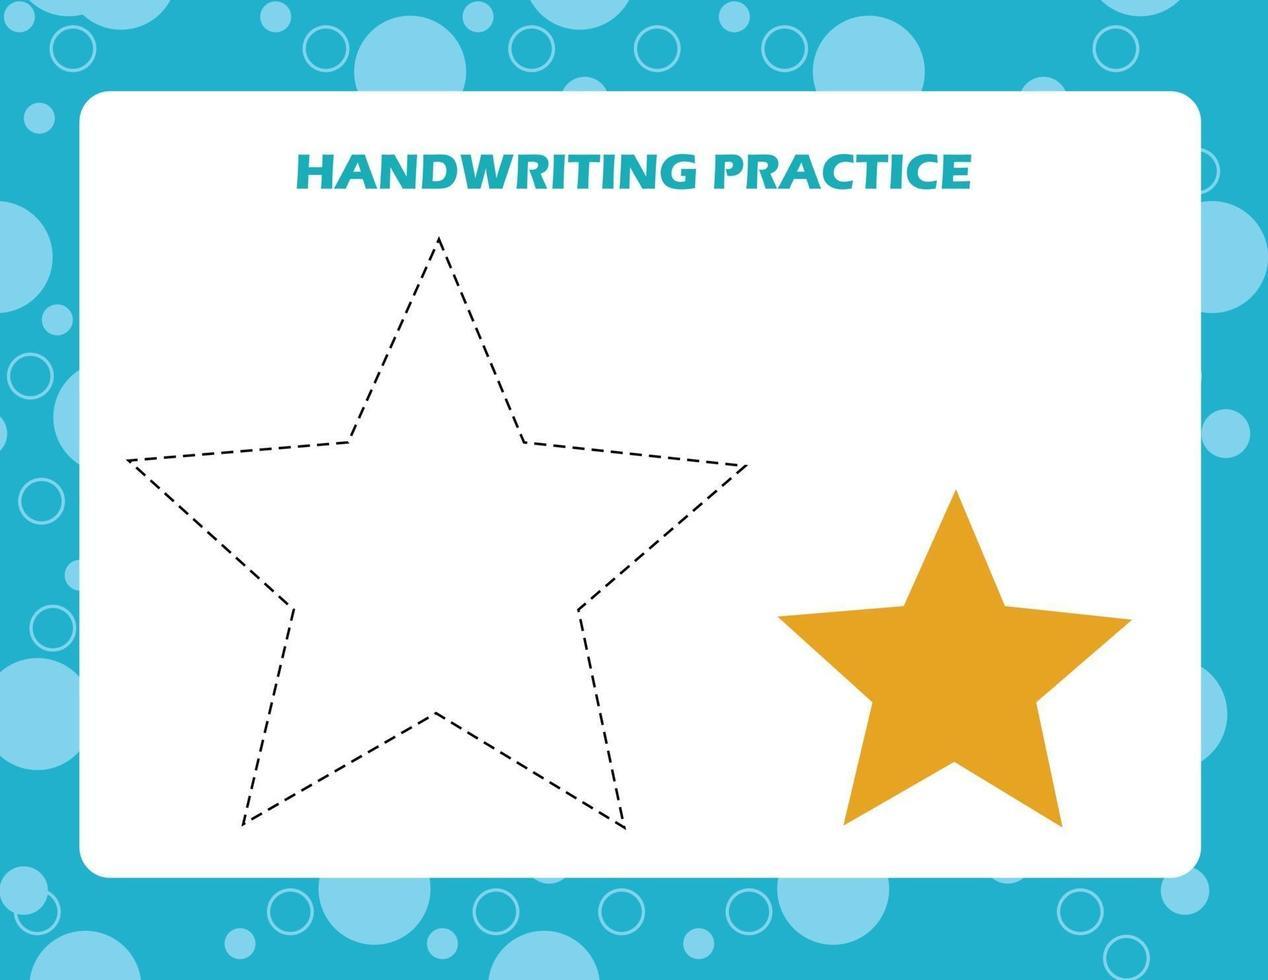 spåra linjerna med tecknad stjärna. skrivförmåga övning. vektor